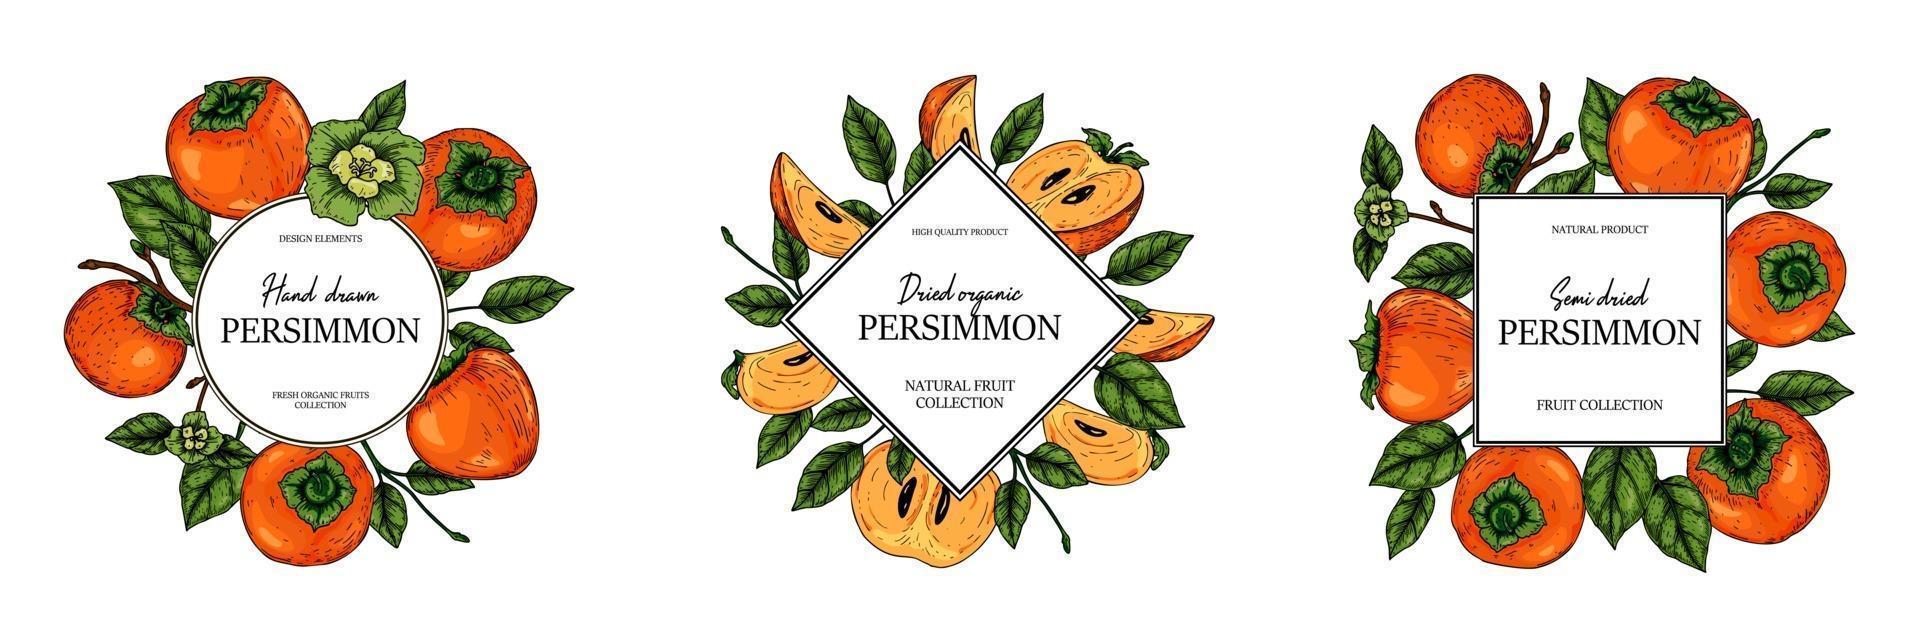 färgglad persimmon design. vektor